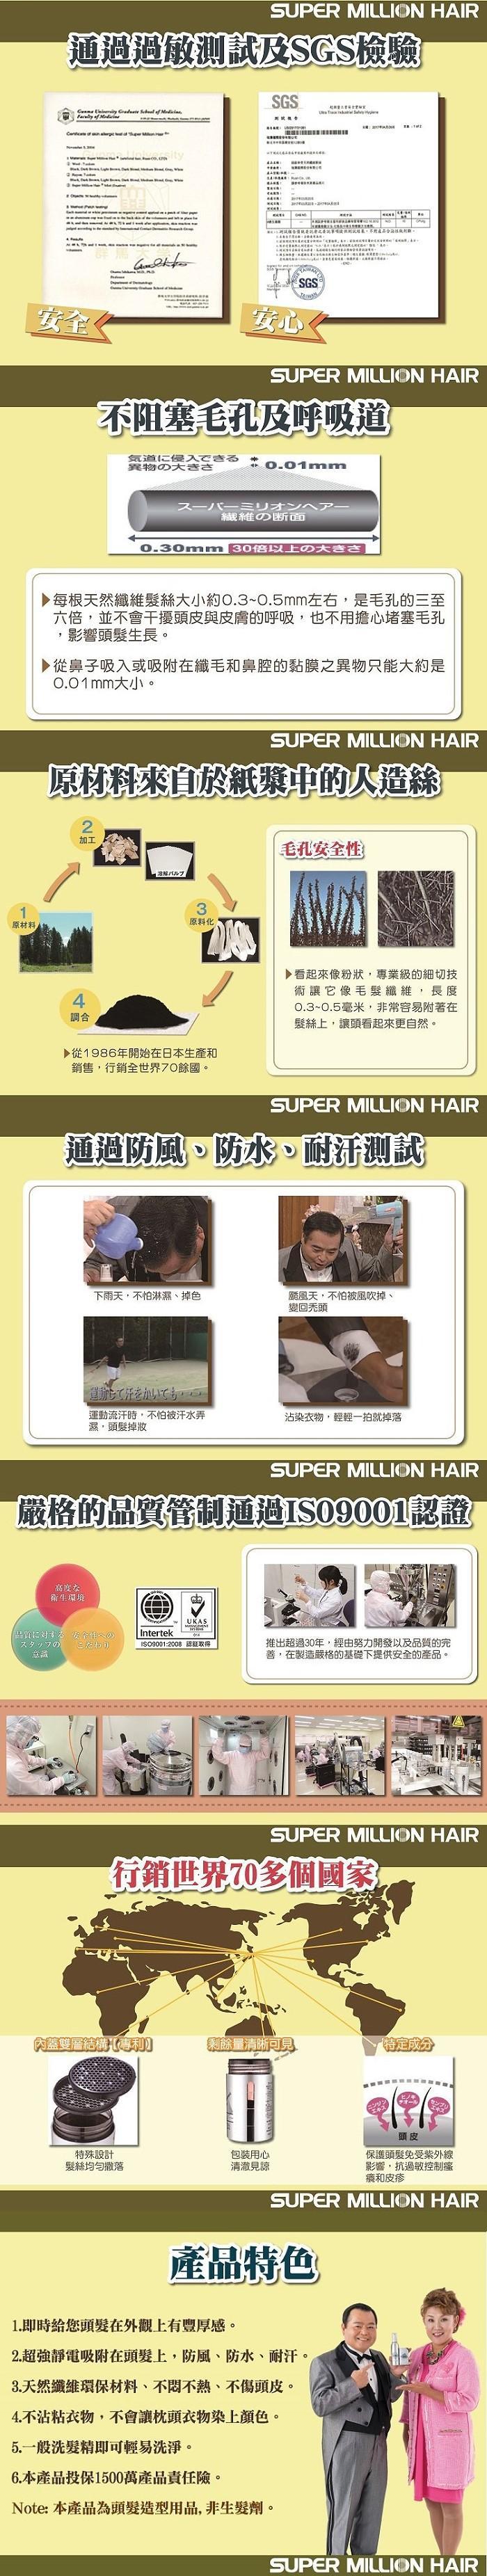 日本SMH-超級神奇天然纖維髮絲(25g)產品資訊